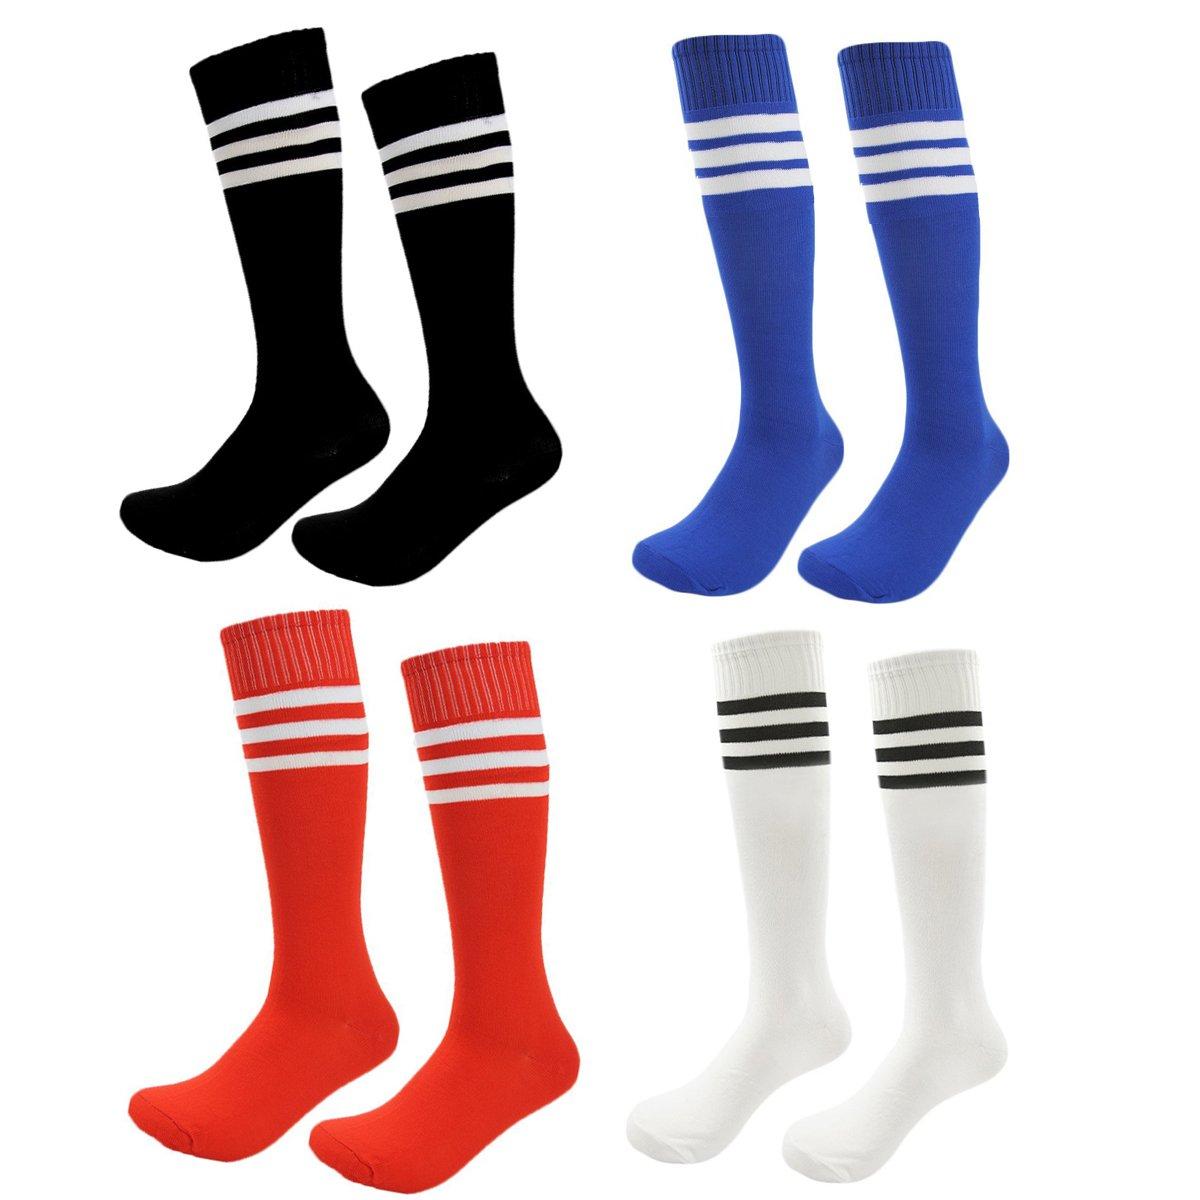 Kids Soccer Socks 4 Pack Boys Girls Cotton Team Socks Teens Children Soccer Socks (Shoe size 8-13 and Ages 4-7, Rainbow1) by FoMann